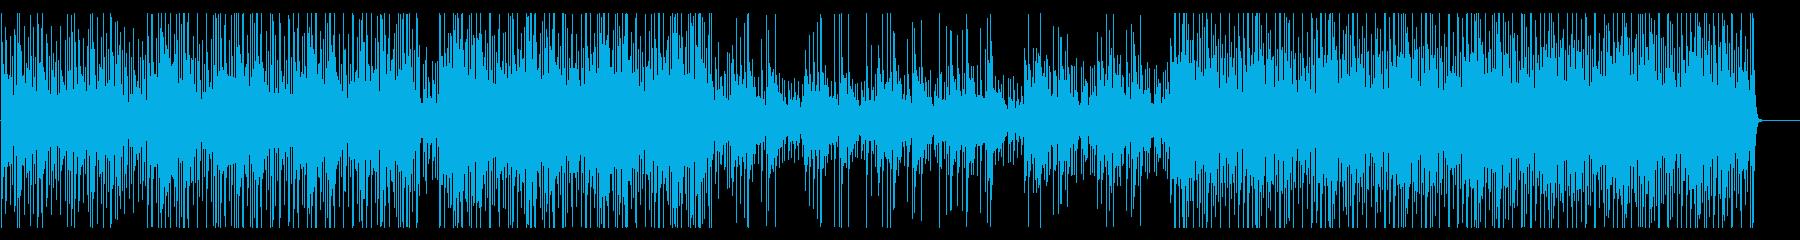 夏 トロピカル ハウス 明るい 軽快の再生済みの波形